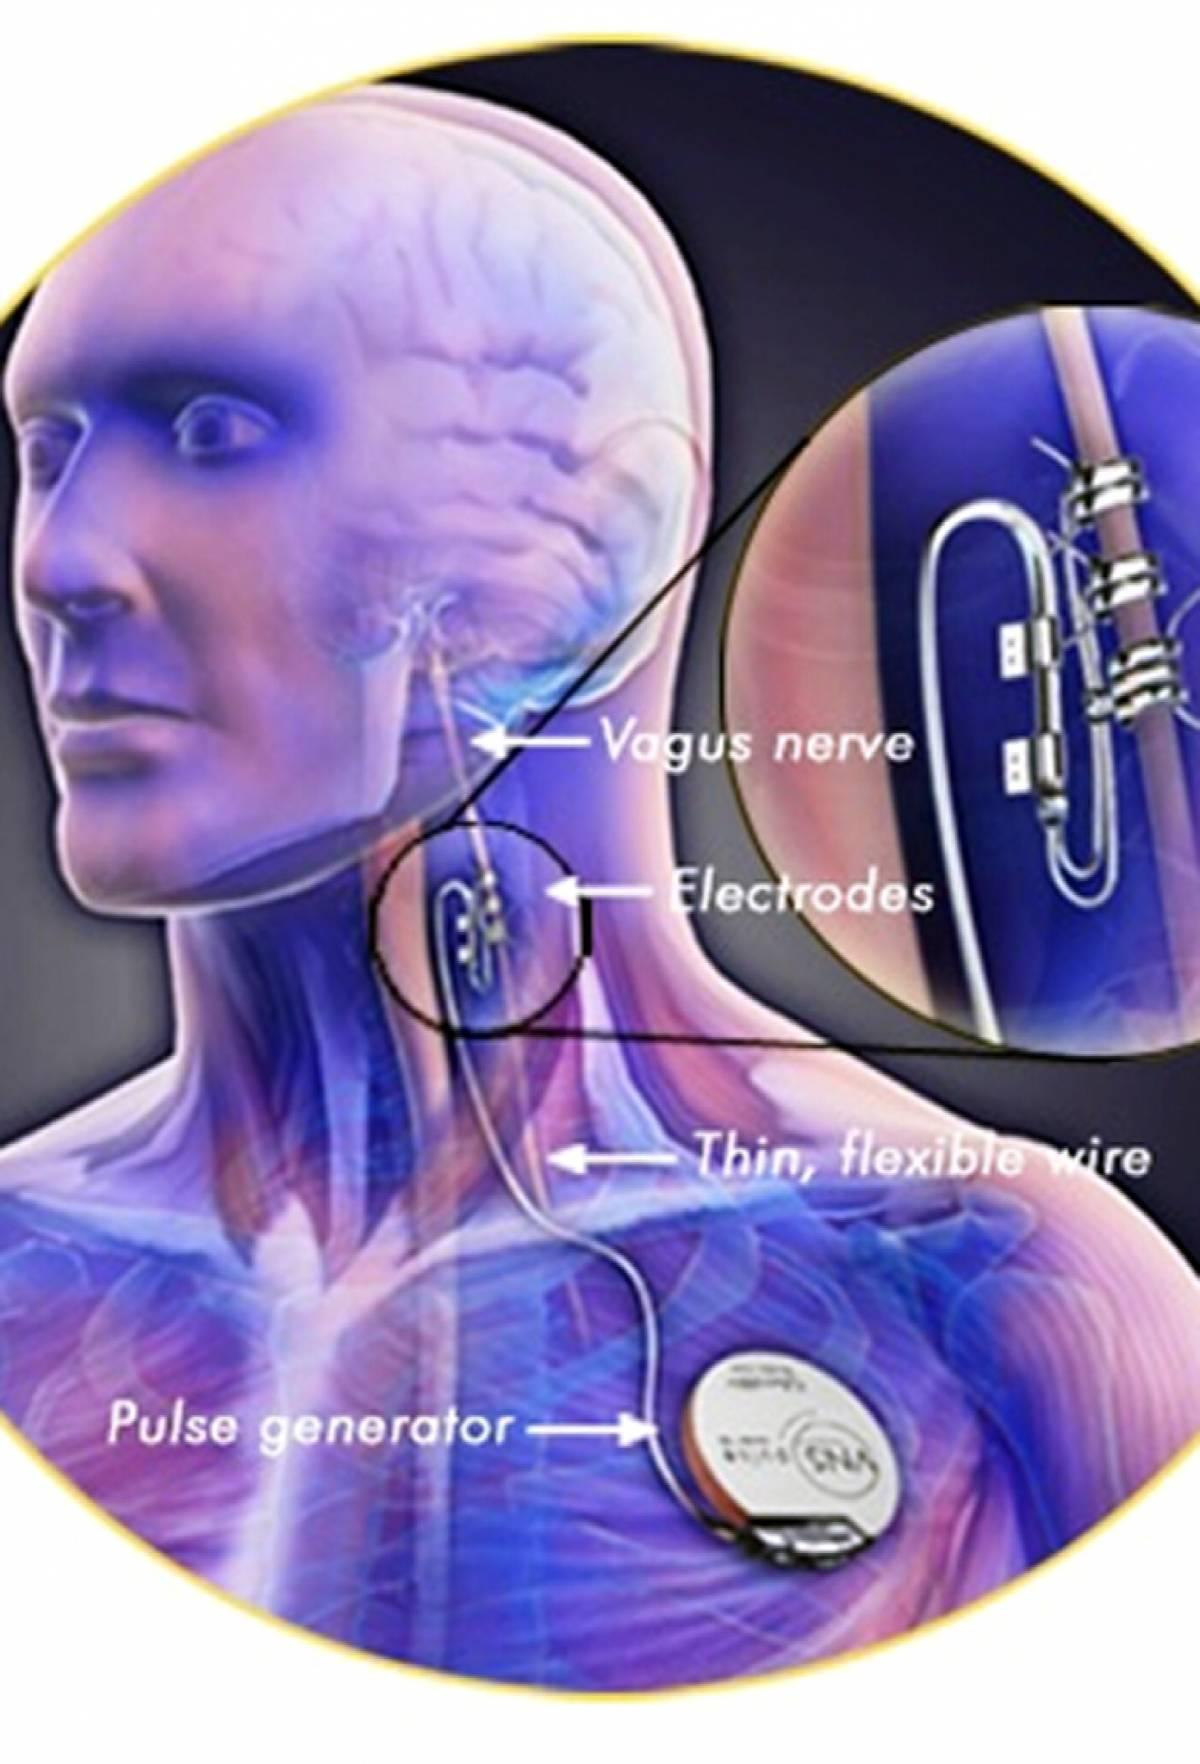 Impiantato il pacemaker anti-depressione